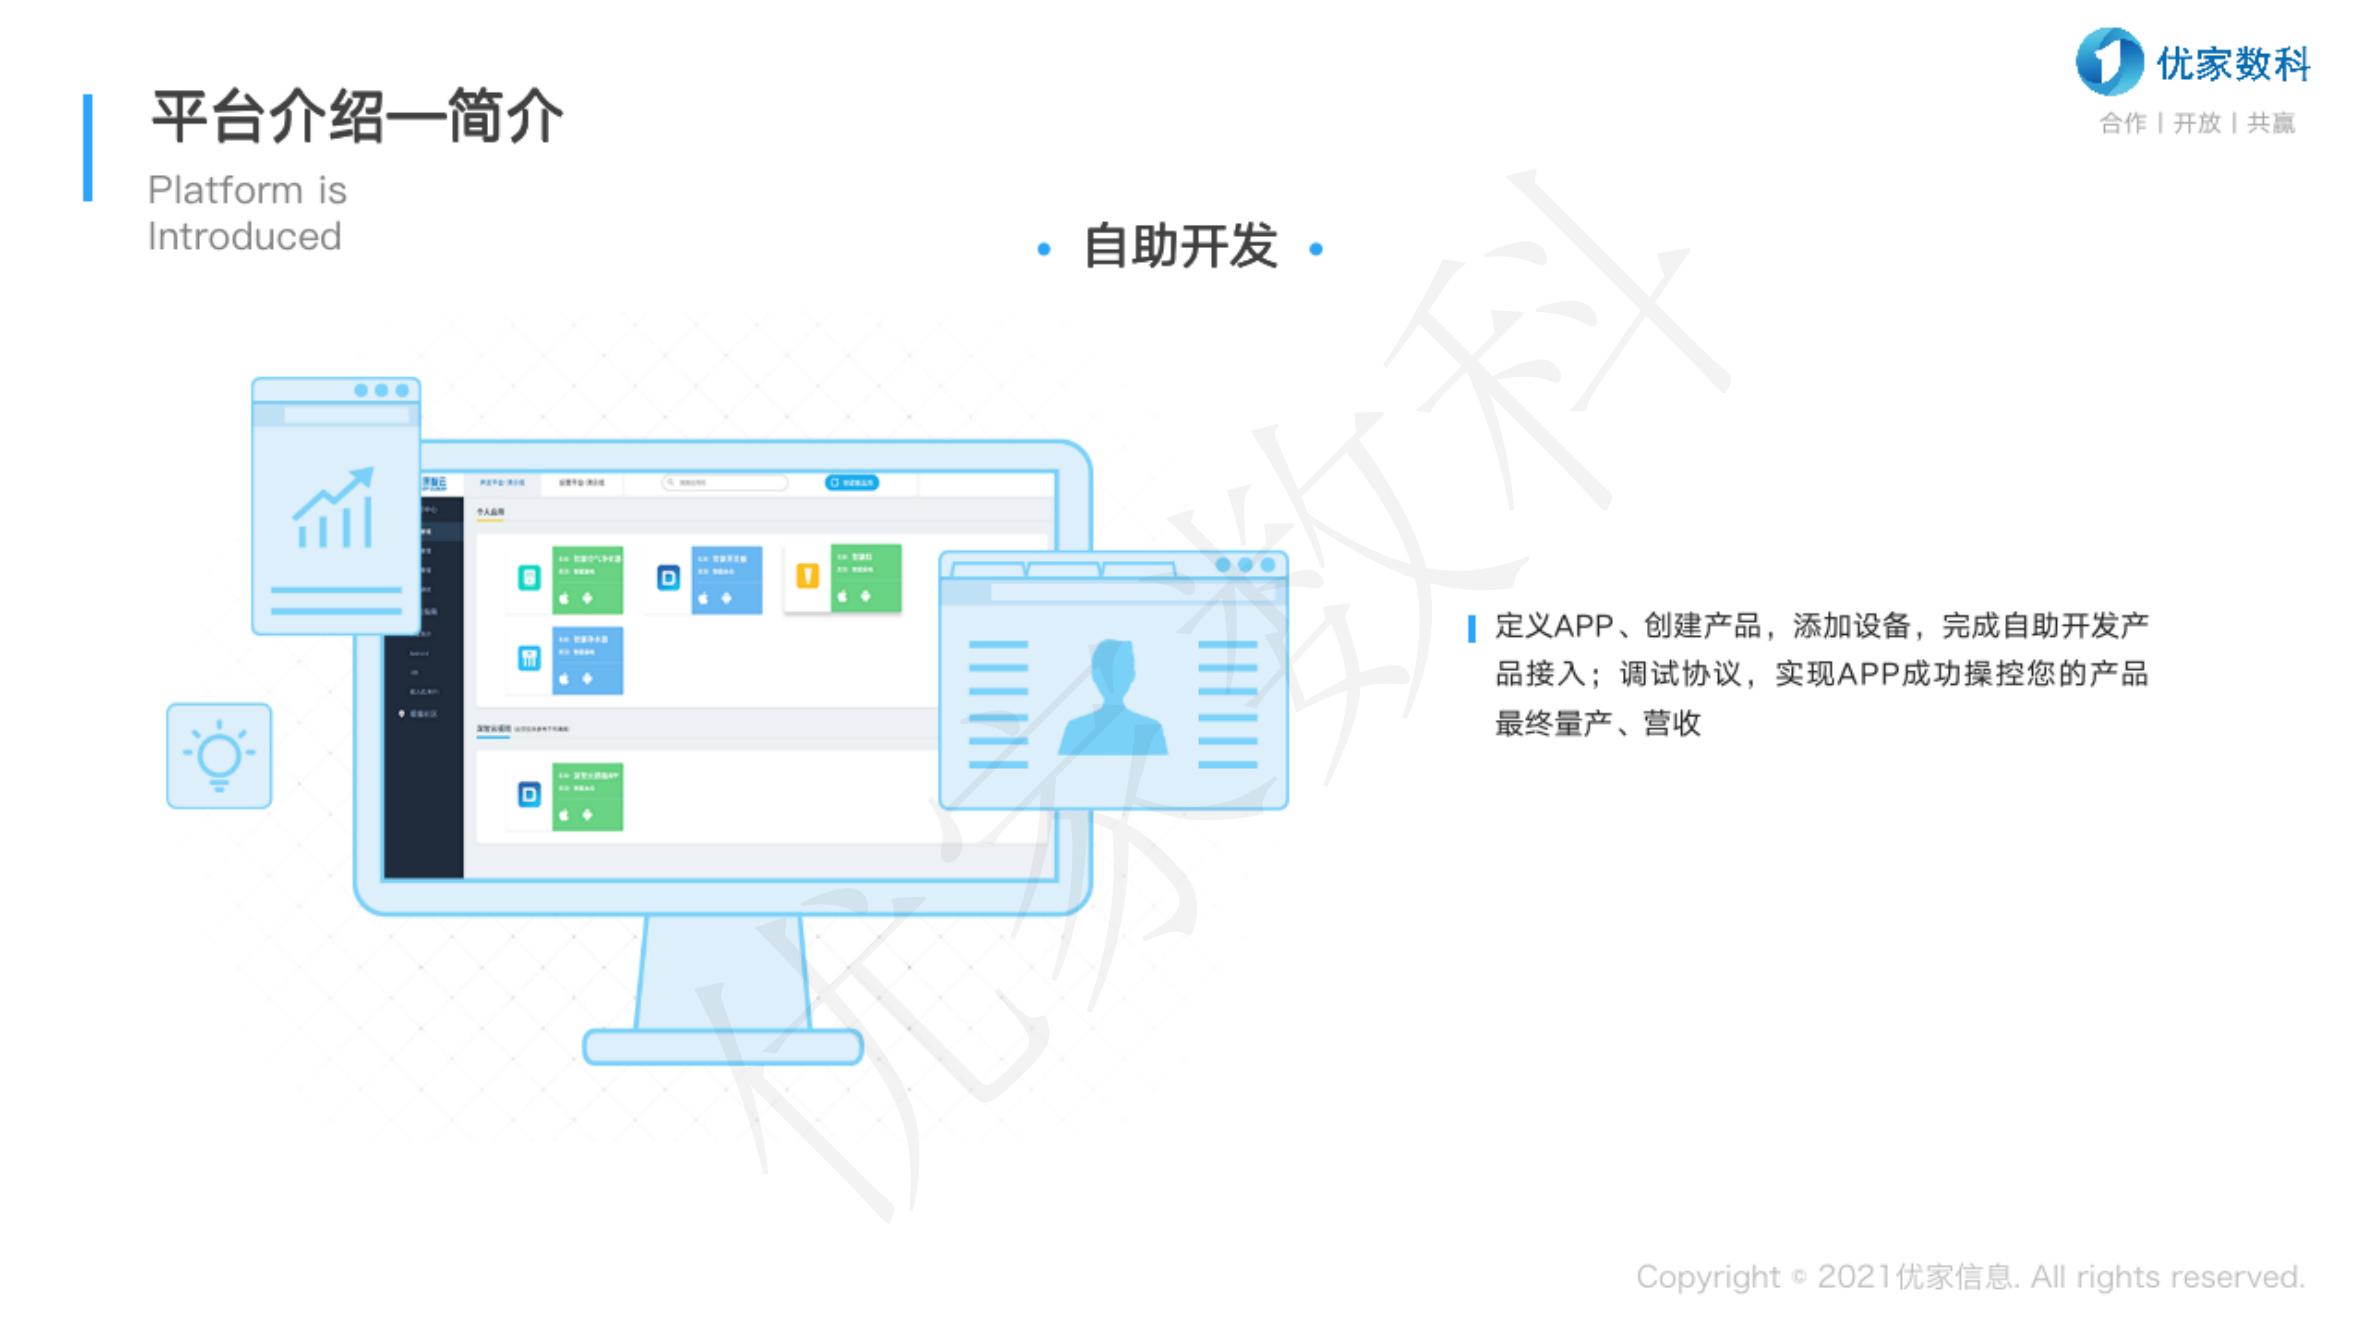 15优家数科自助开发及运营平台简介(水印)_02.png